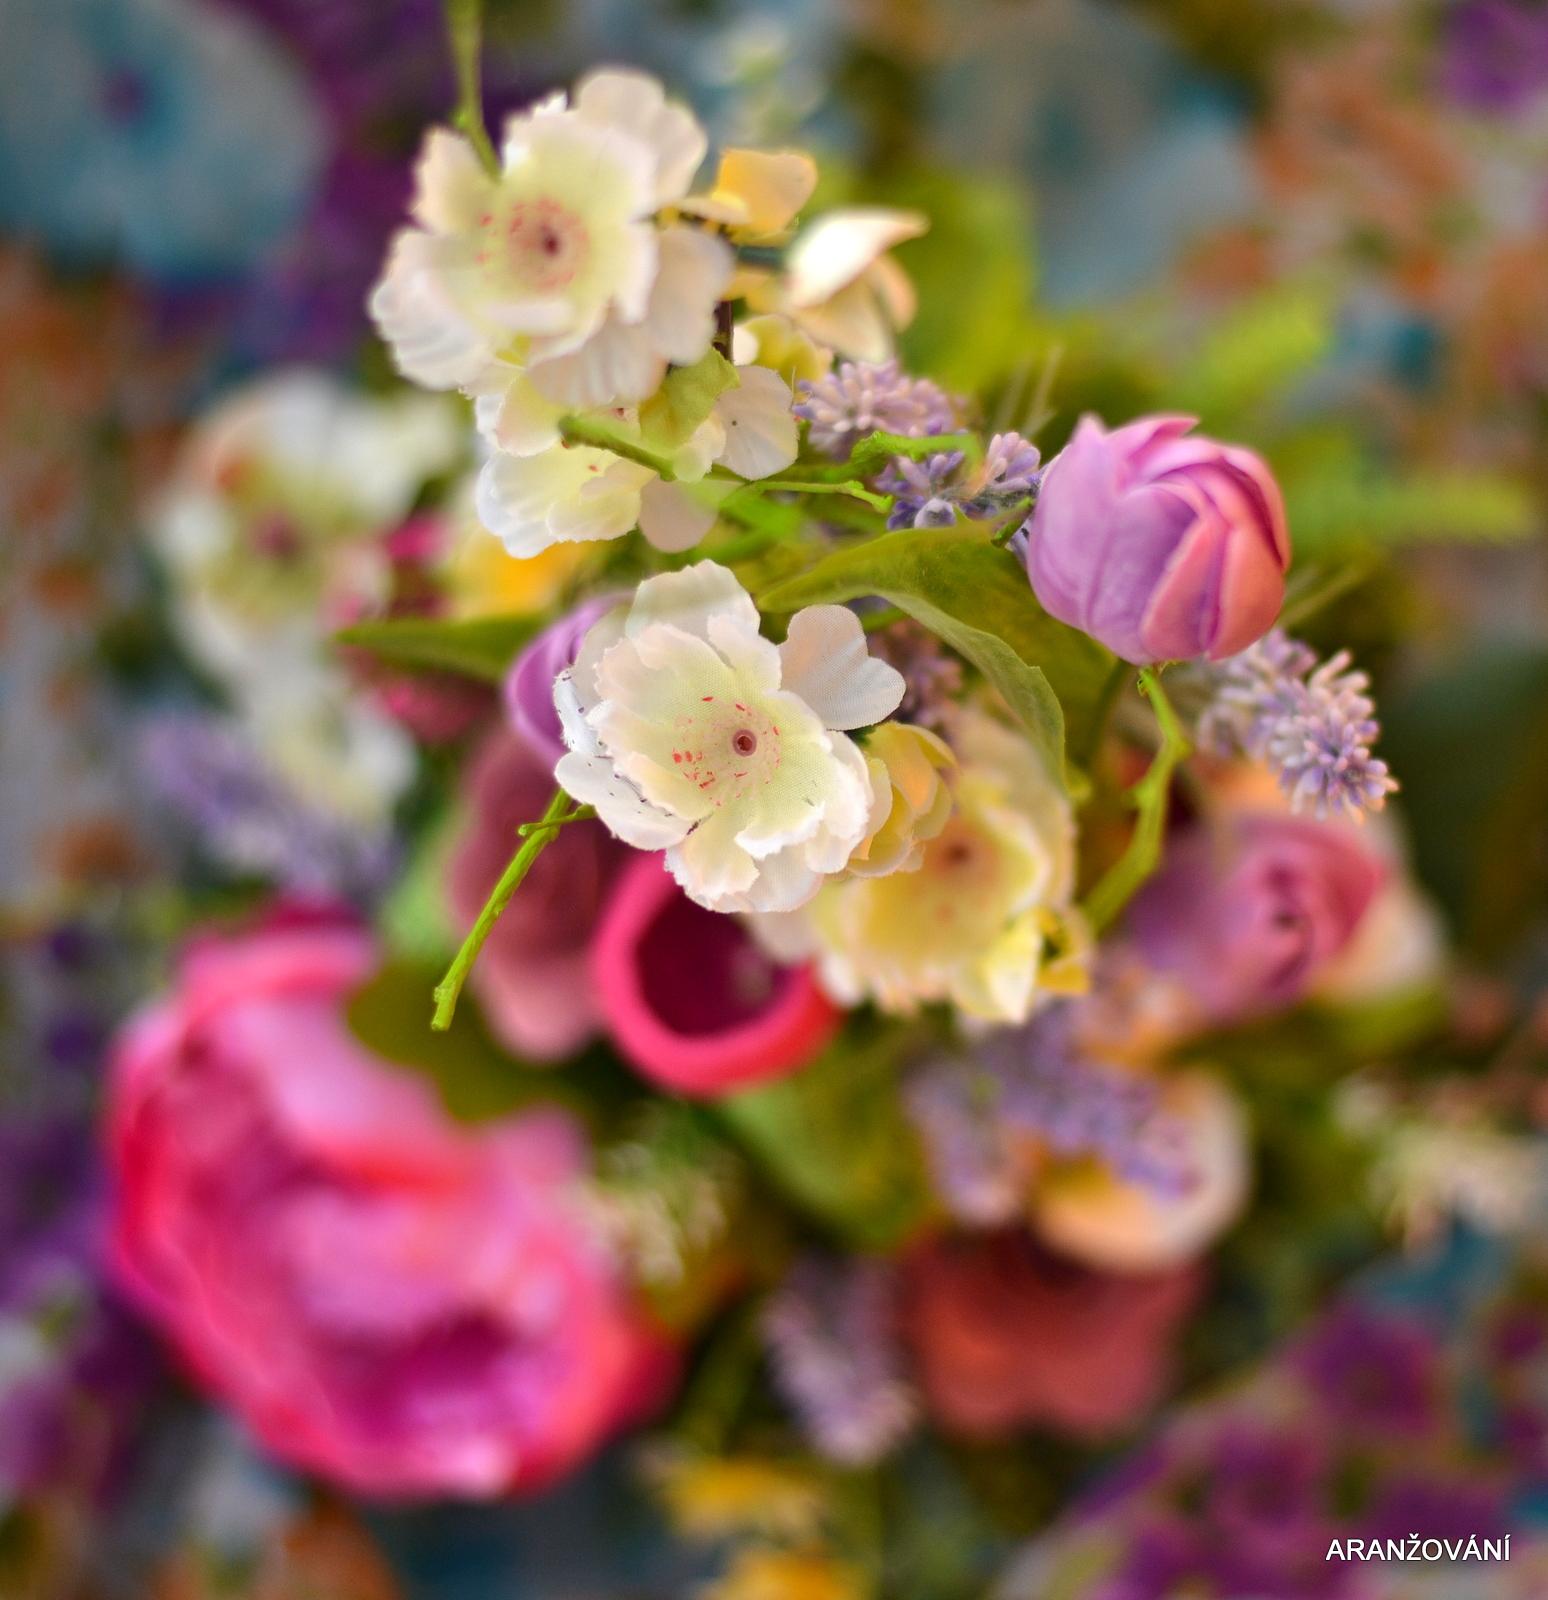 Barevné jaro   Zboží prodejce ARANŽOVÁNÍ  f13e338b3b0